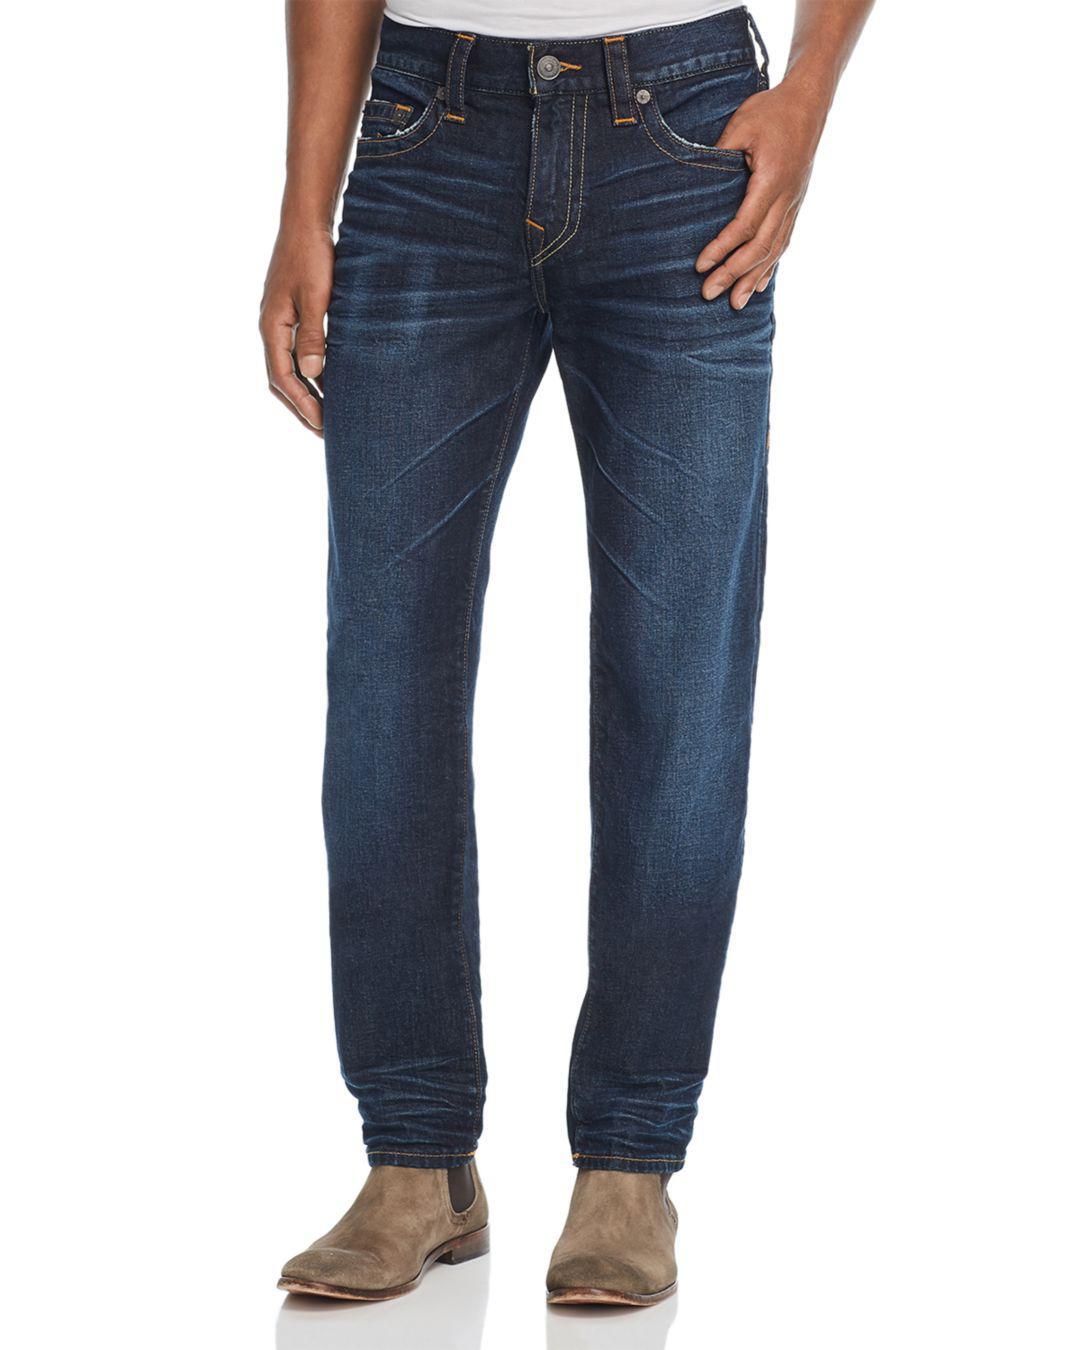 ea64a717e1b3 Lyst - True Religion Rocco Slim Fit Jeans In Dark Tunnel in Blue for Men